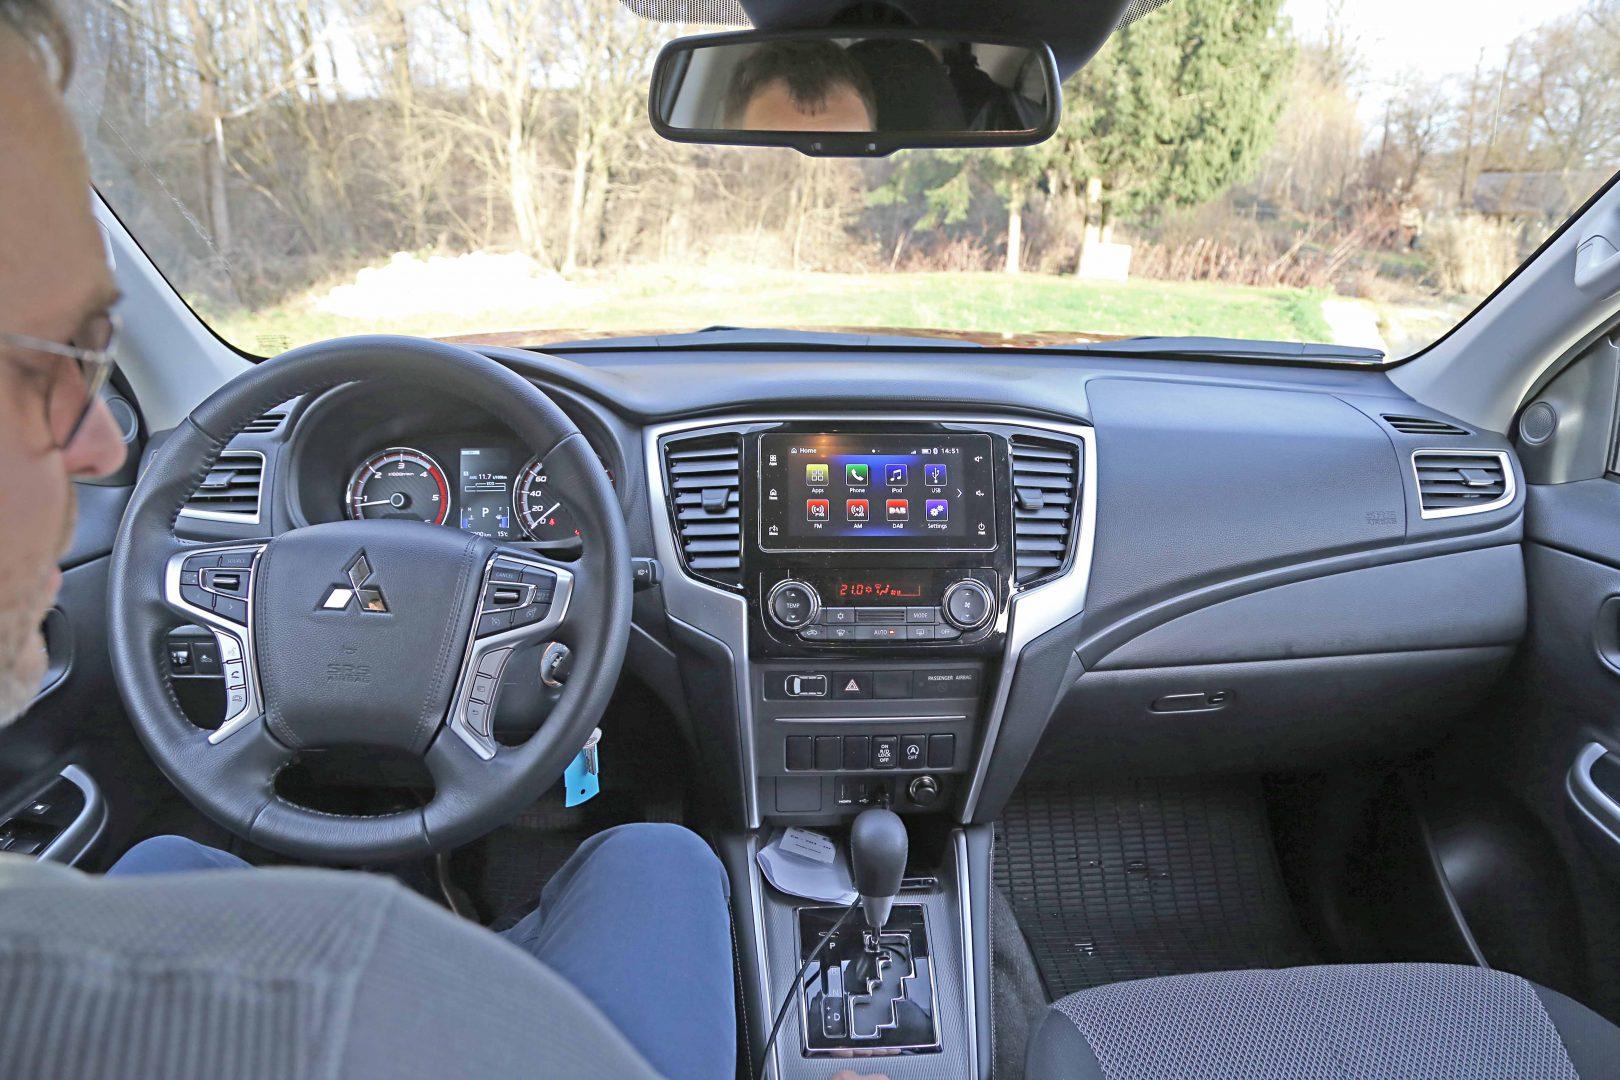 Naš testni model Mitsubishija L200 bio je opremljen 6-stupanjskim automatskim mjenjačem